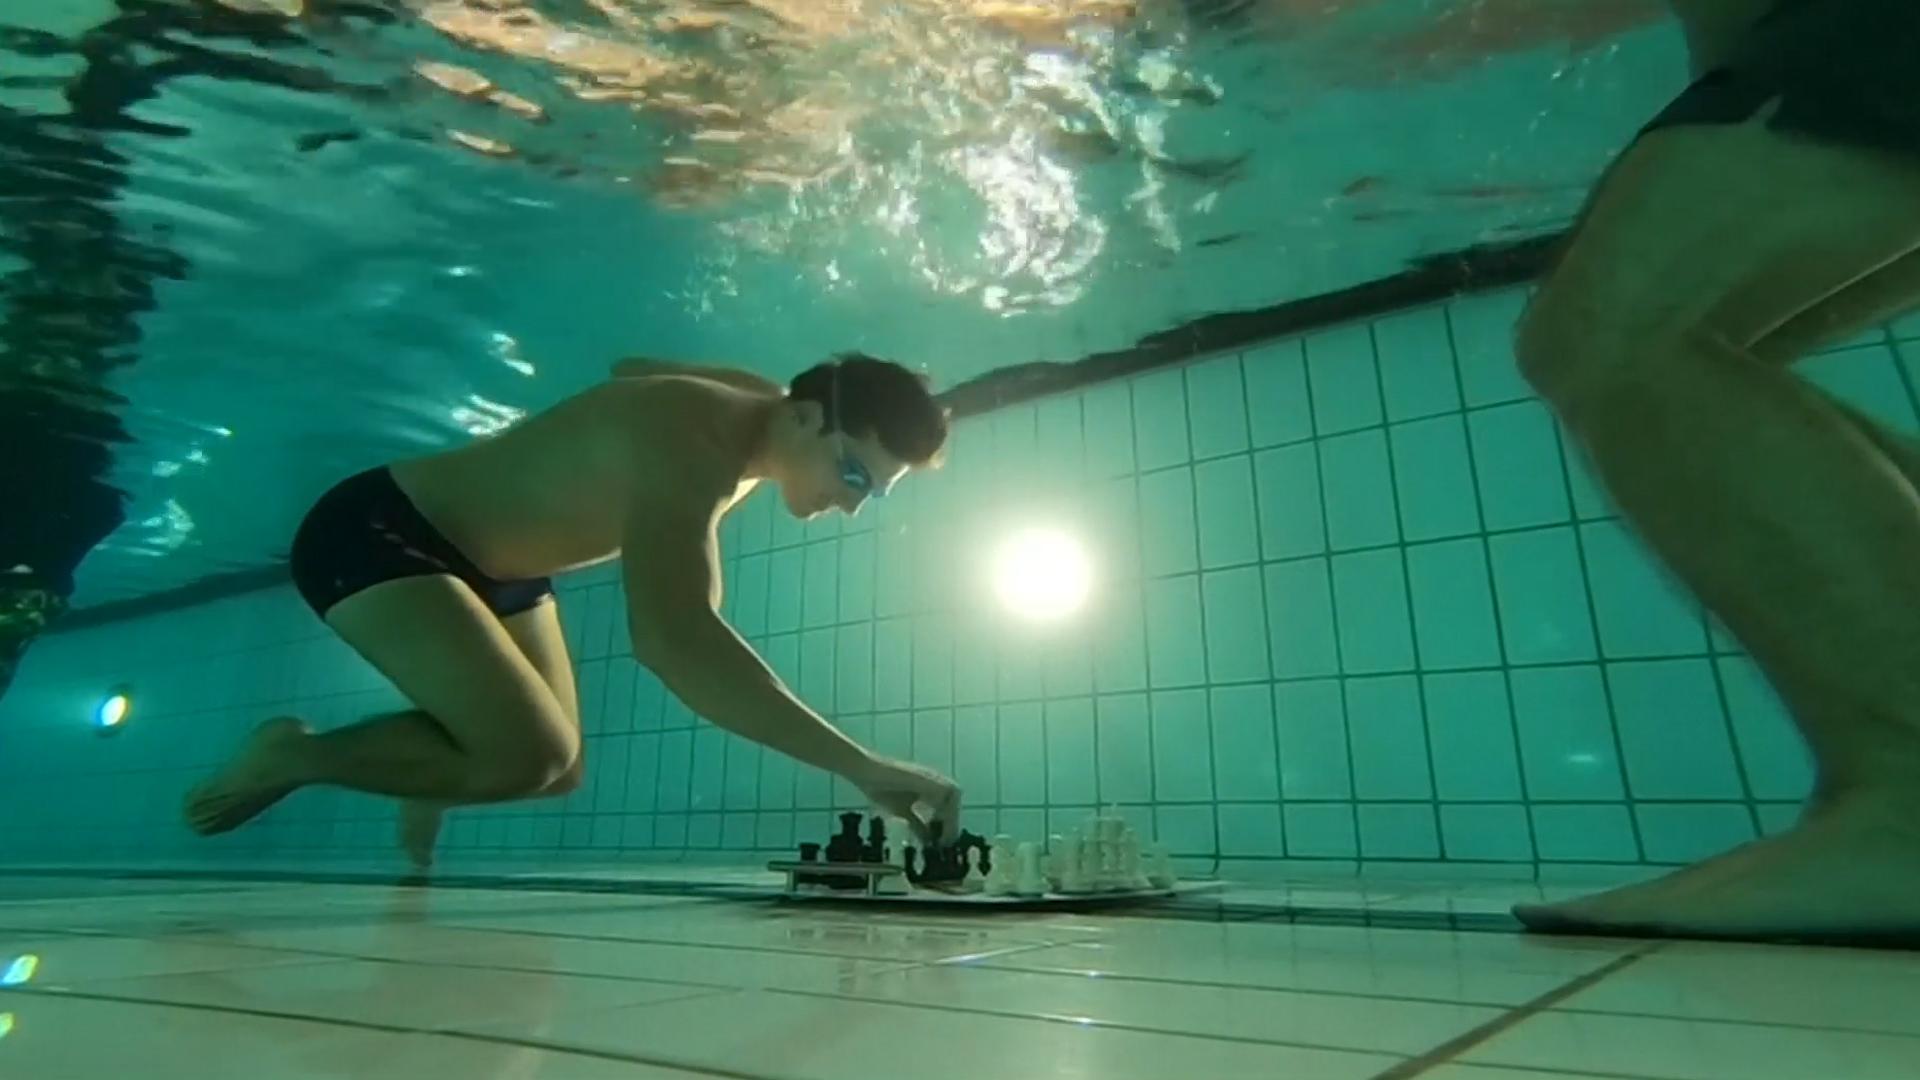 要下棋先潜水 这个国际象棋大赛比棋艺更比肺活量